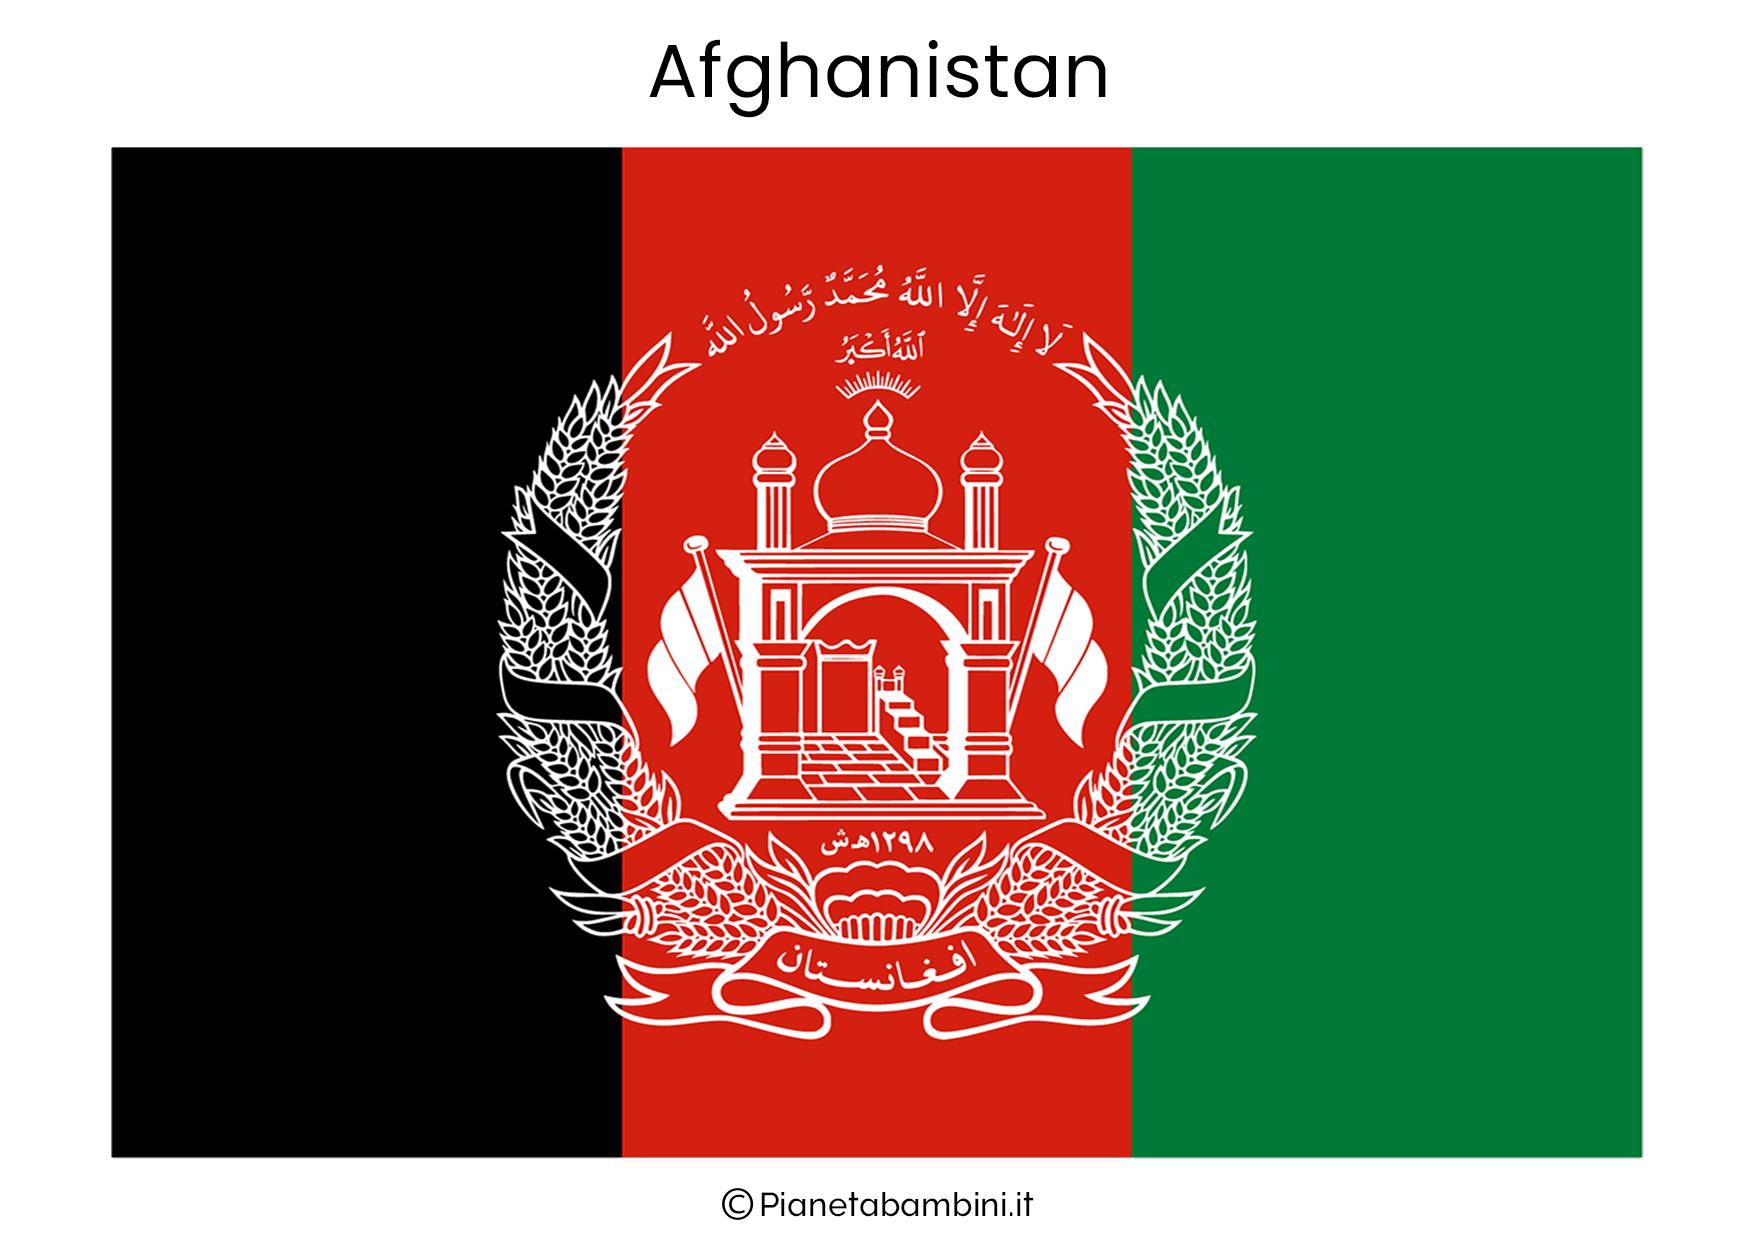 Bandiera dell'Afghanistan da stampare